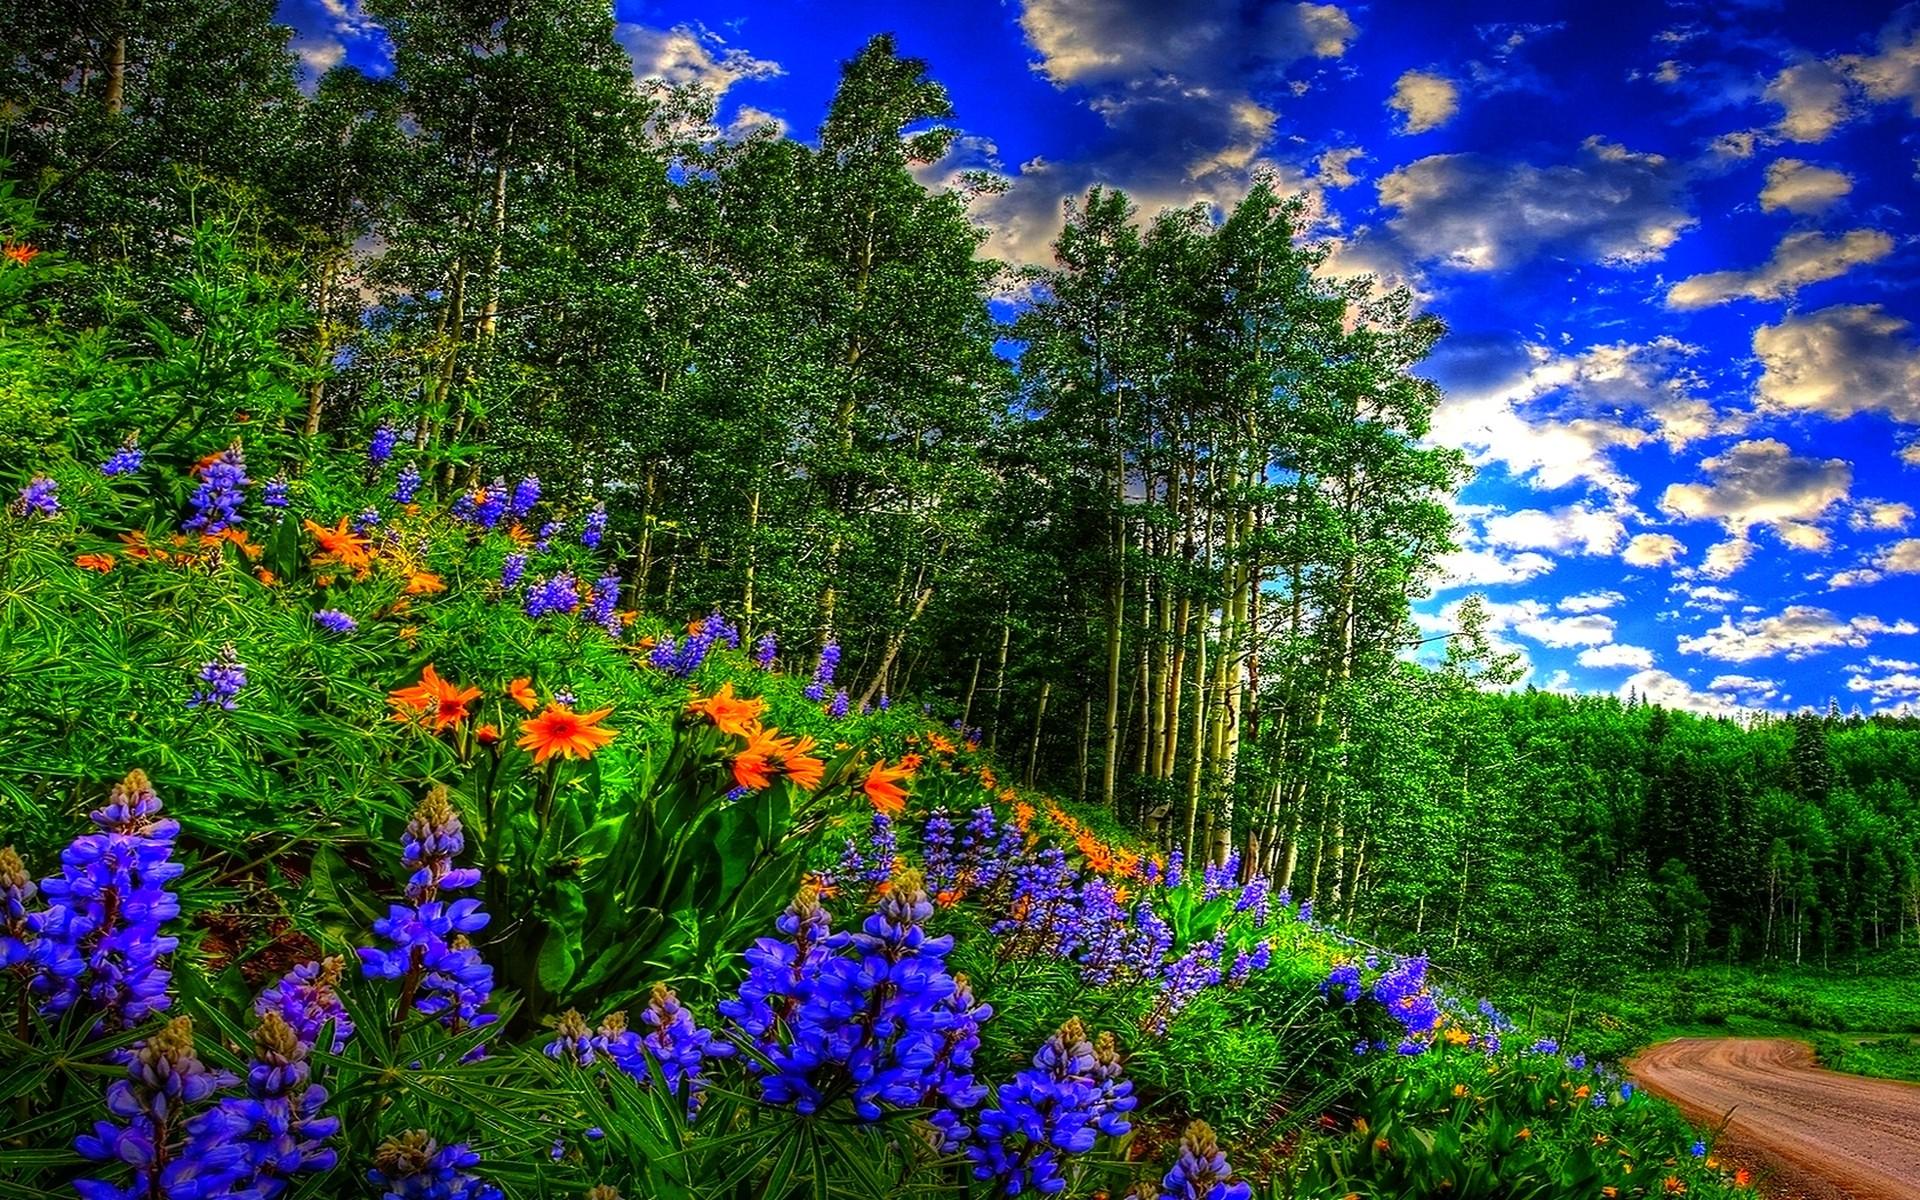 Spring Background Pictures for Desktop (69+ images)